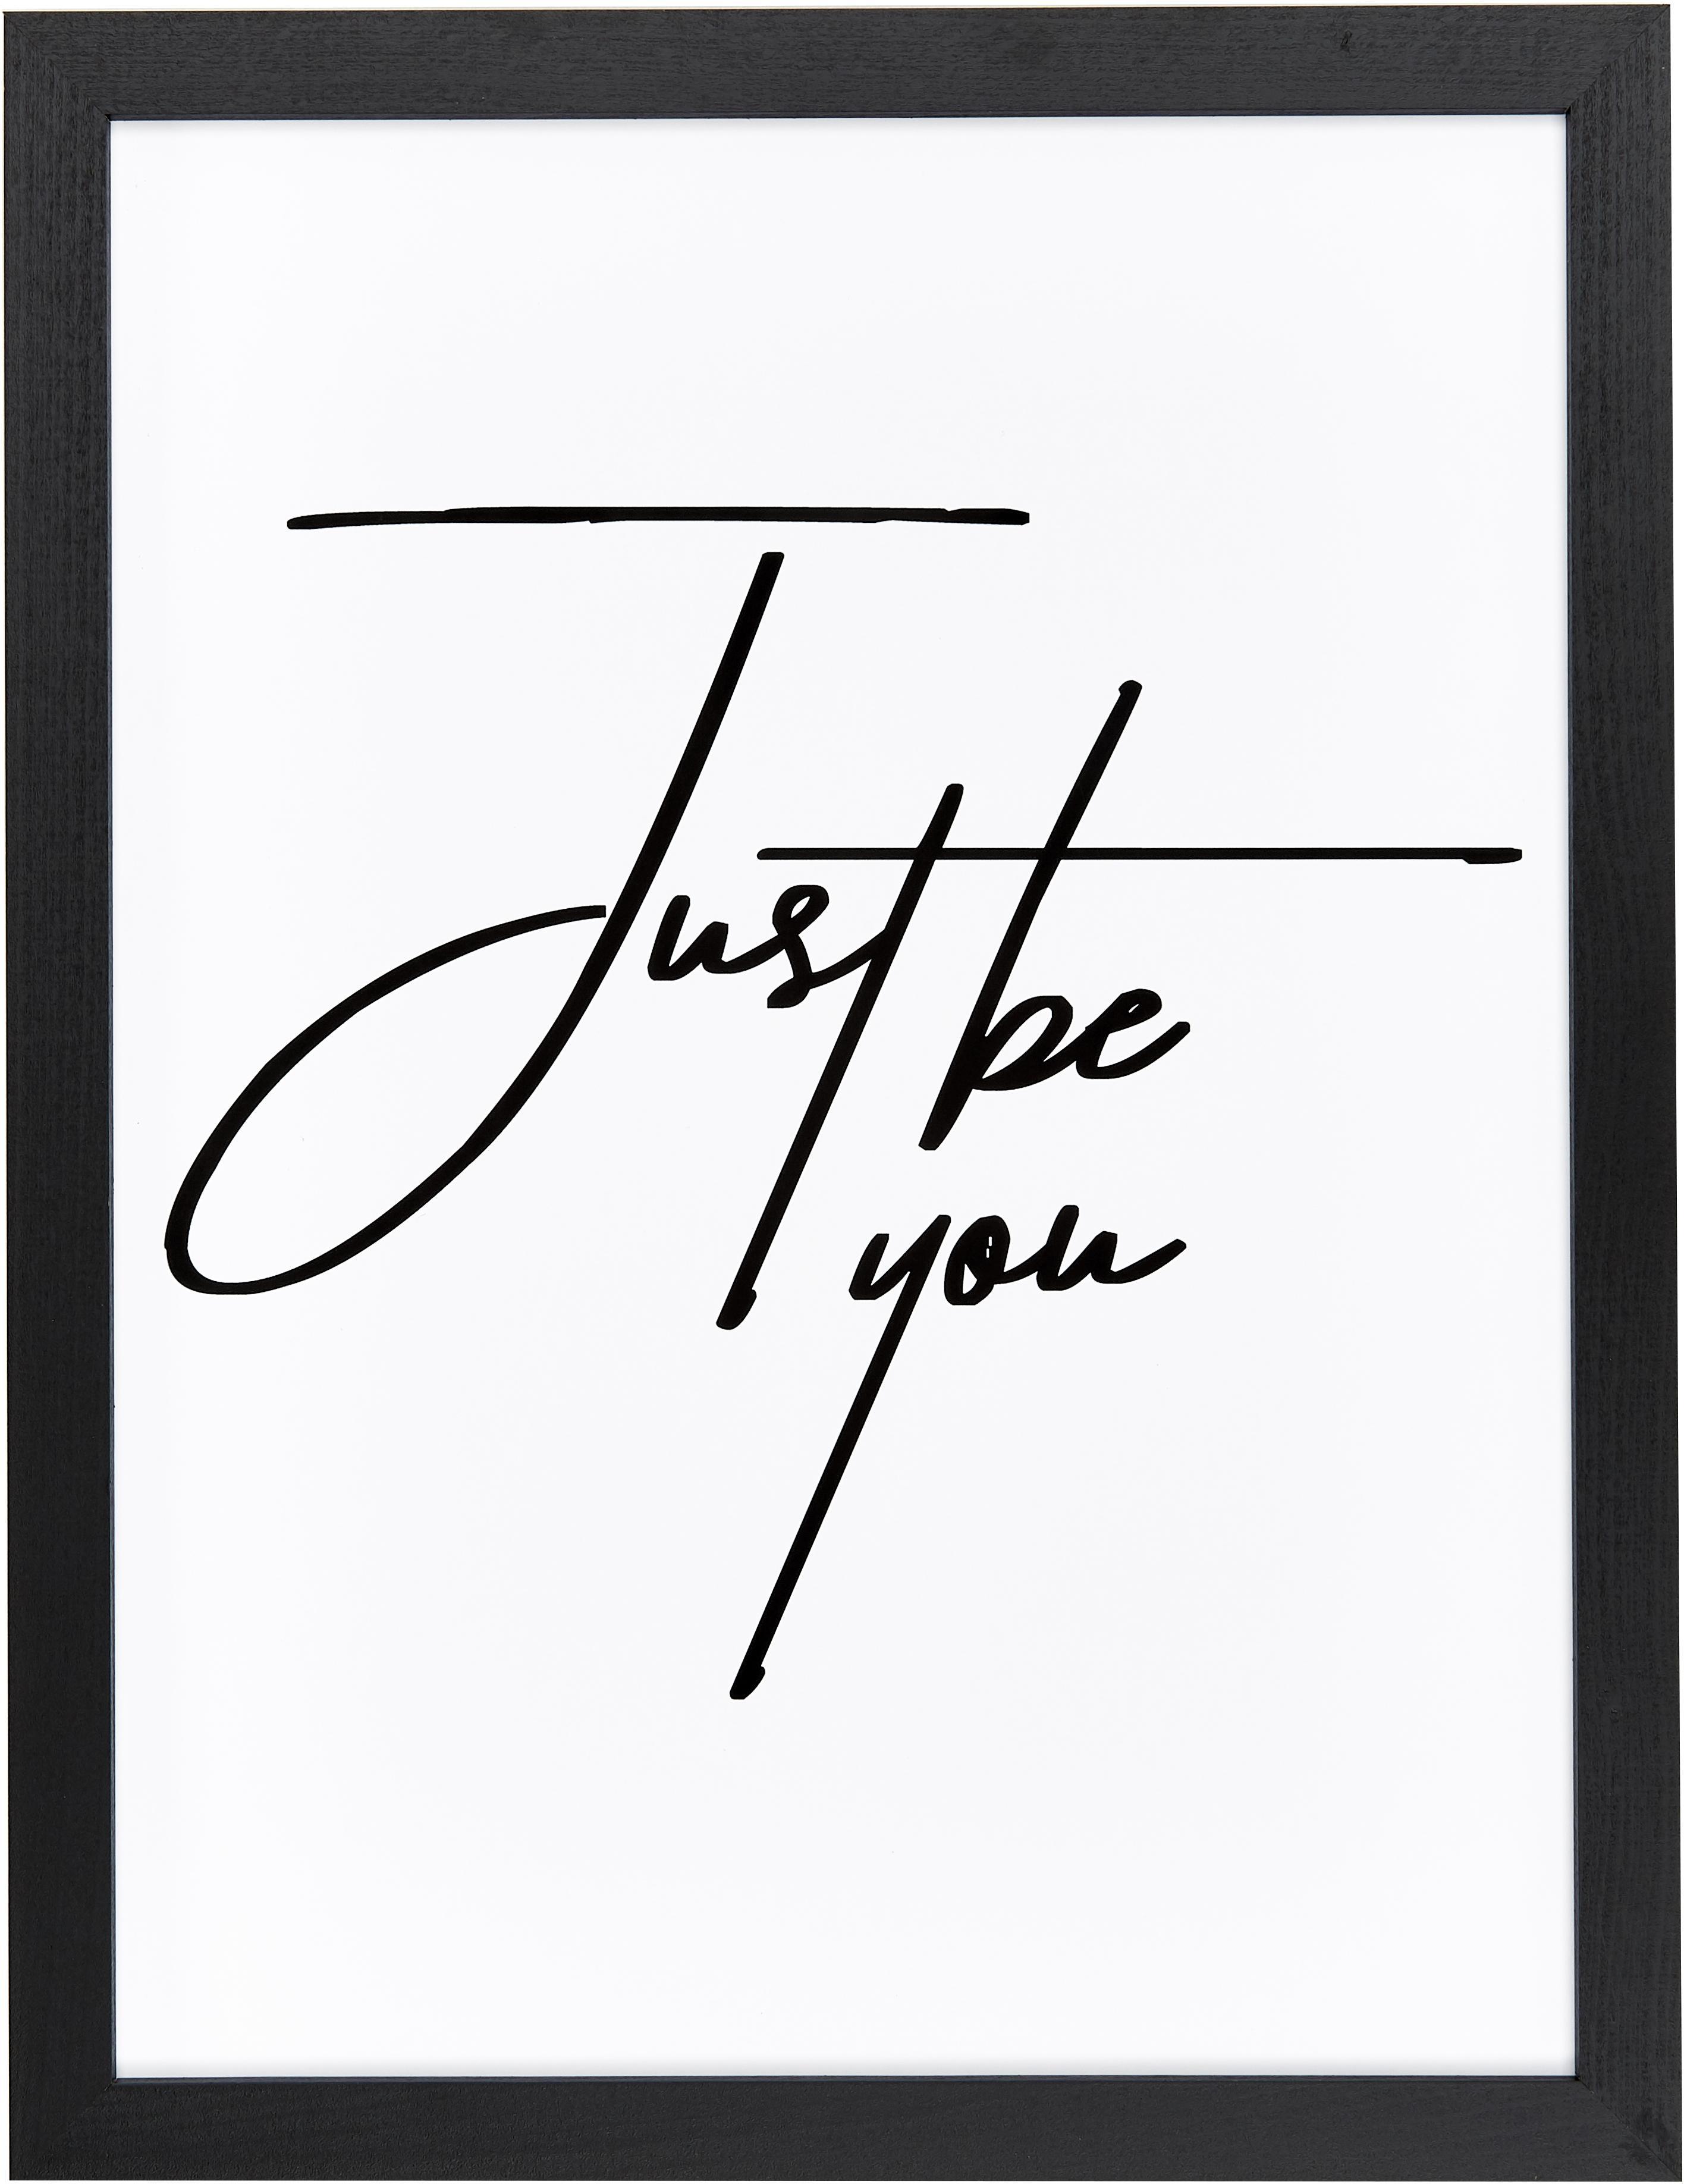 Gerahmter Digitaldruck Just be You, Bild: Digitaldruck auf Papier, , Rahmen: Holz, lackiert, Front: Plexiglas, Bild: Schwarz, Weiß Rahmen: Schwarz, 33 x 43 cm